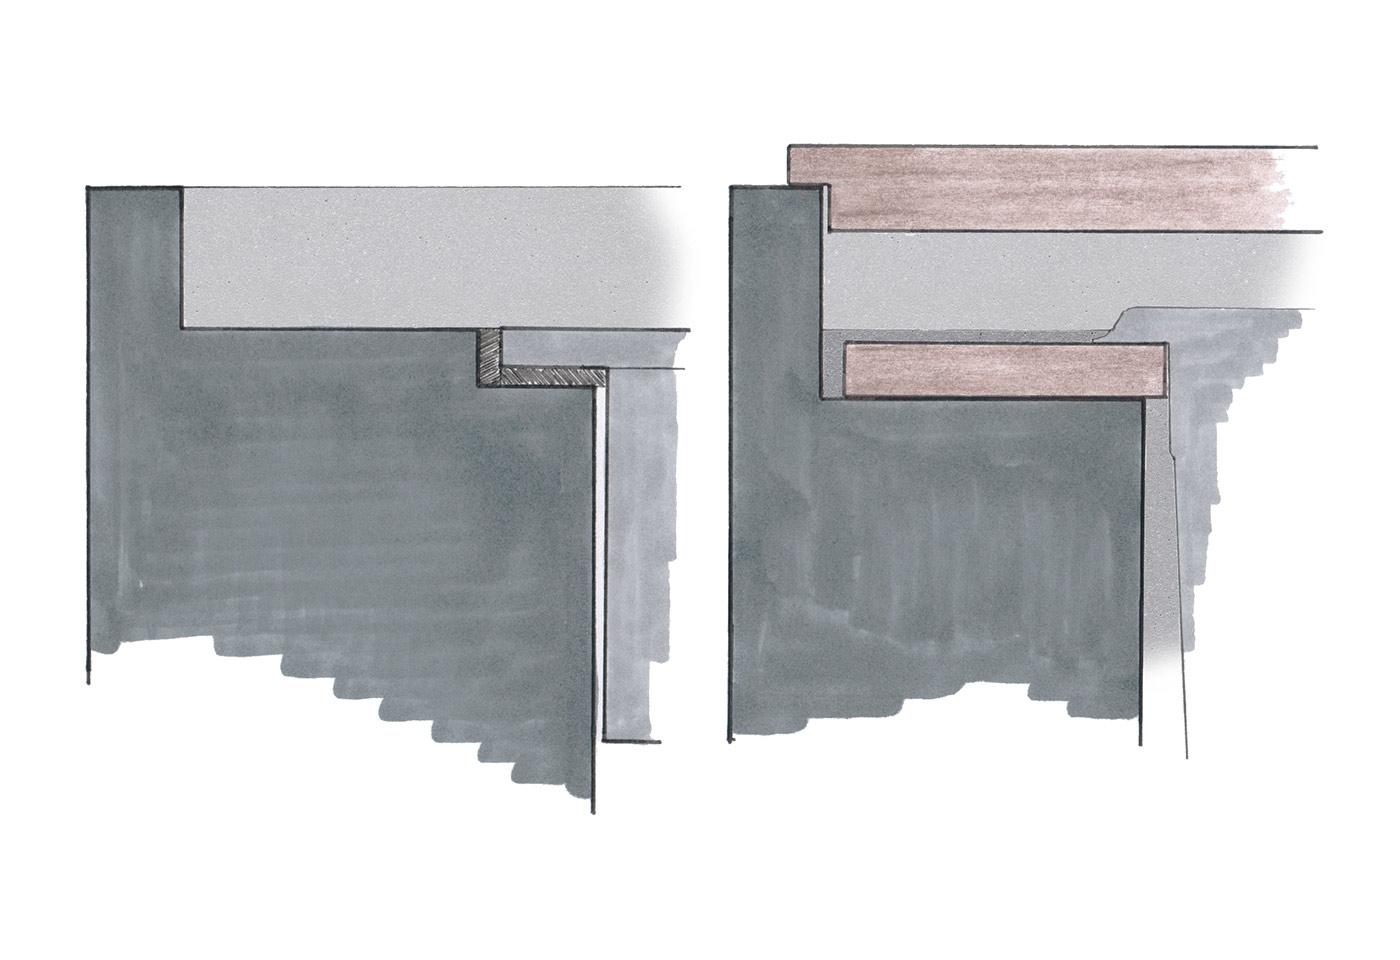 Farbskizze der Verarbeitung der Kochinsel. Küchenmöbel